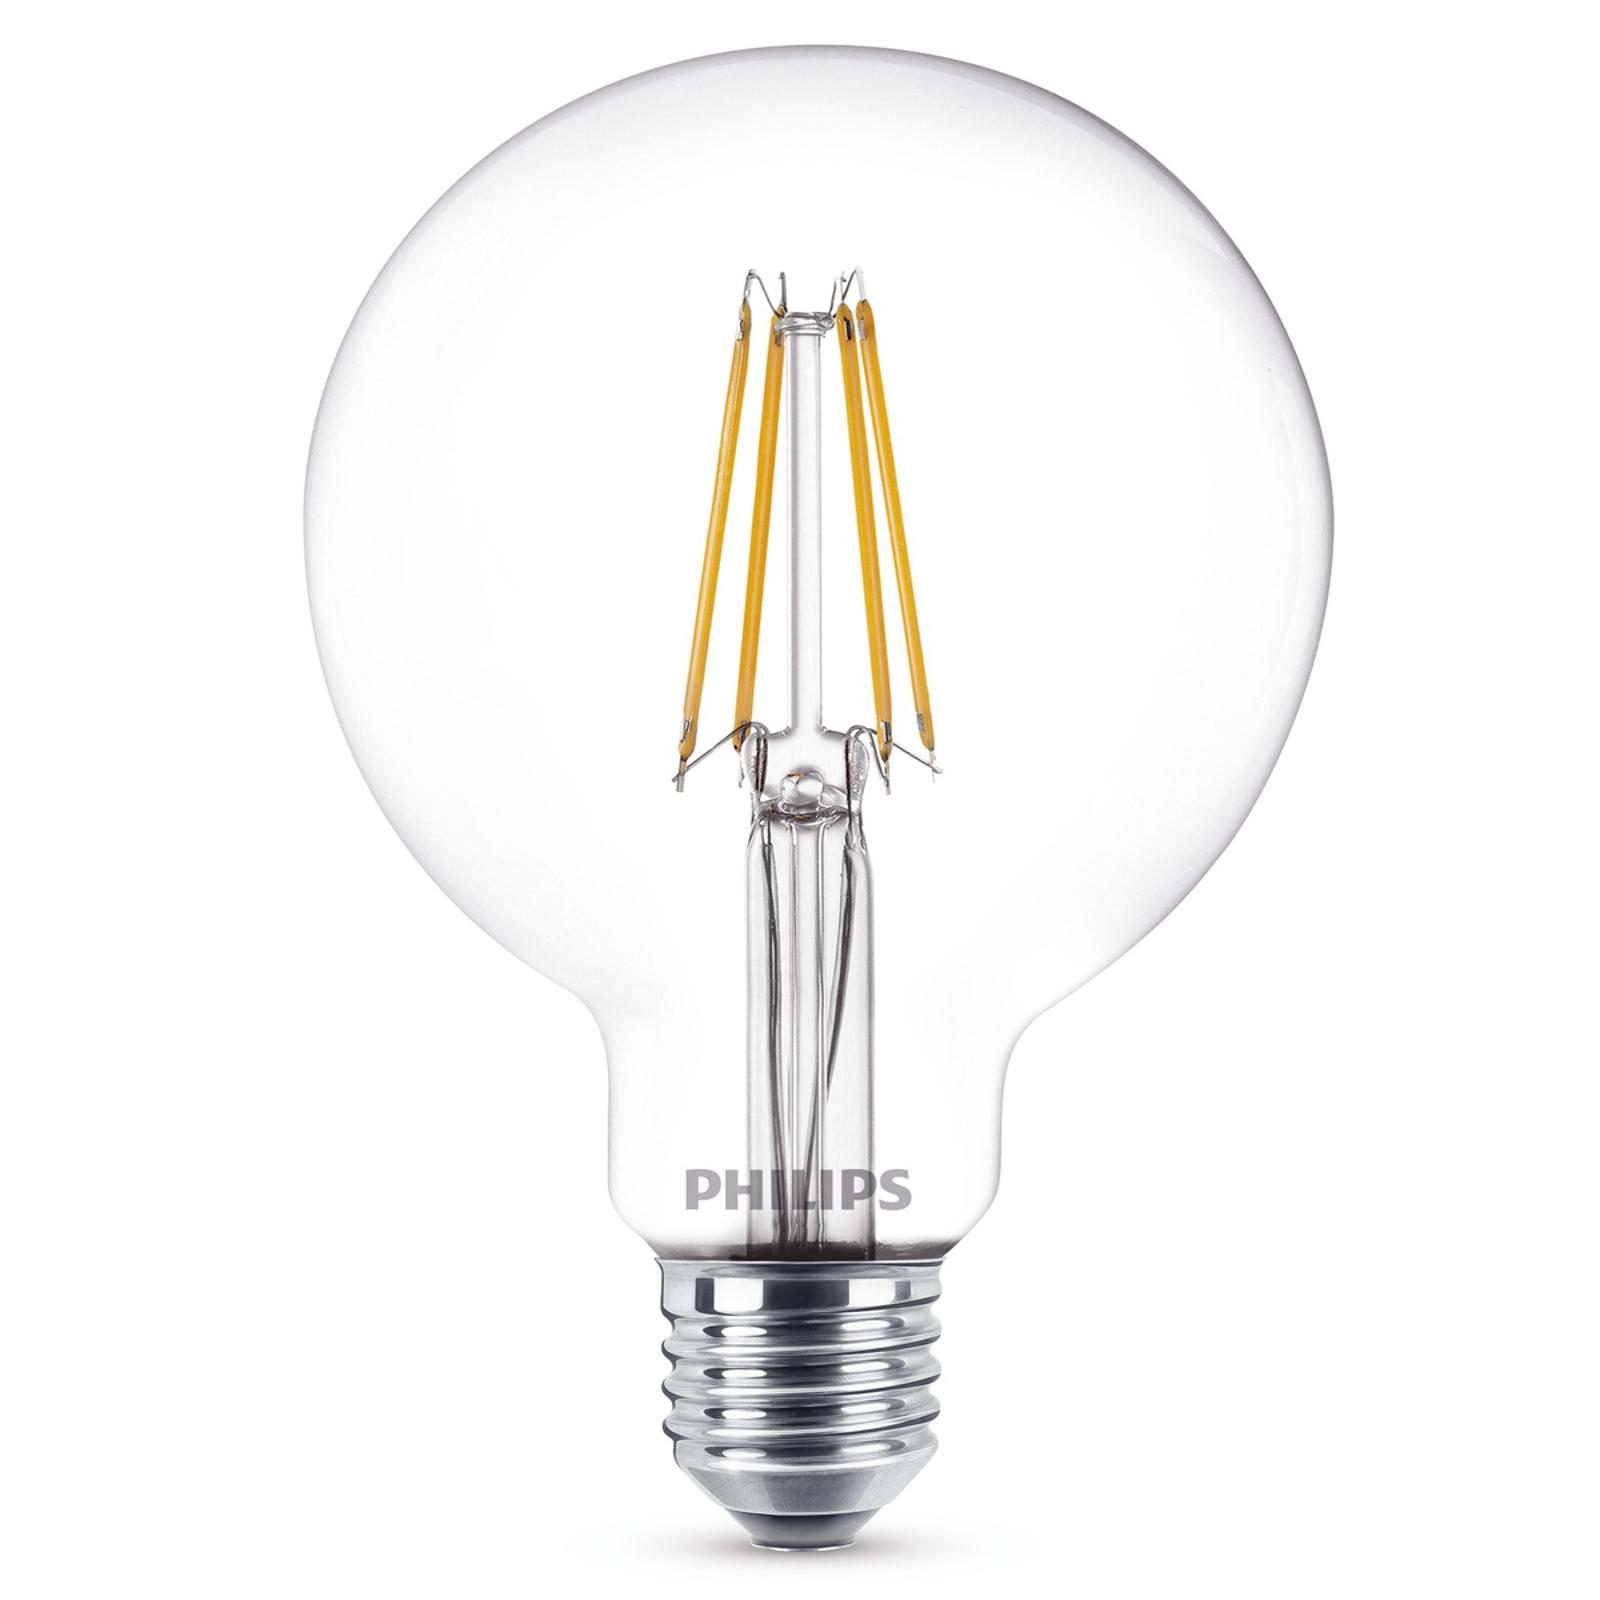 Philips E27 7W 827 LED žárovka globus G95 čirá